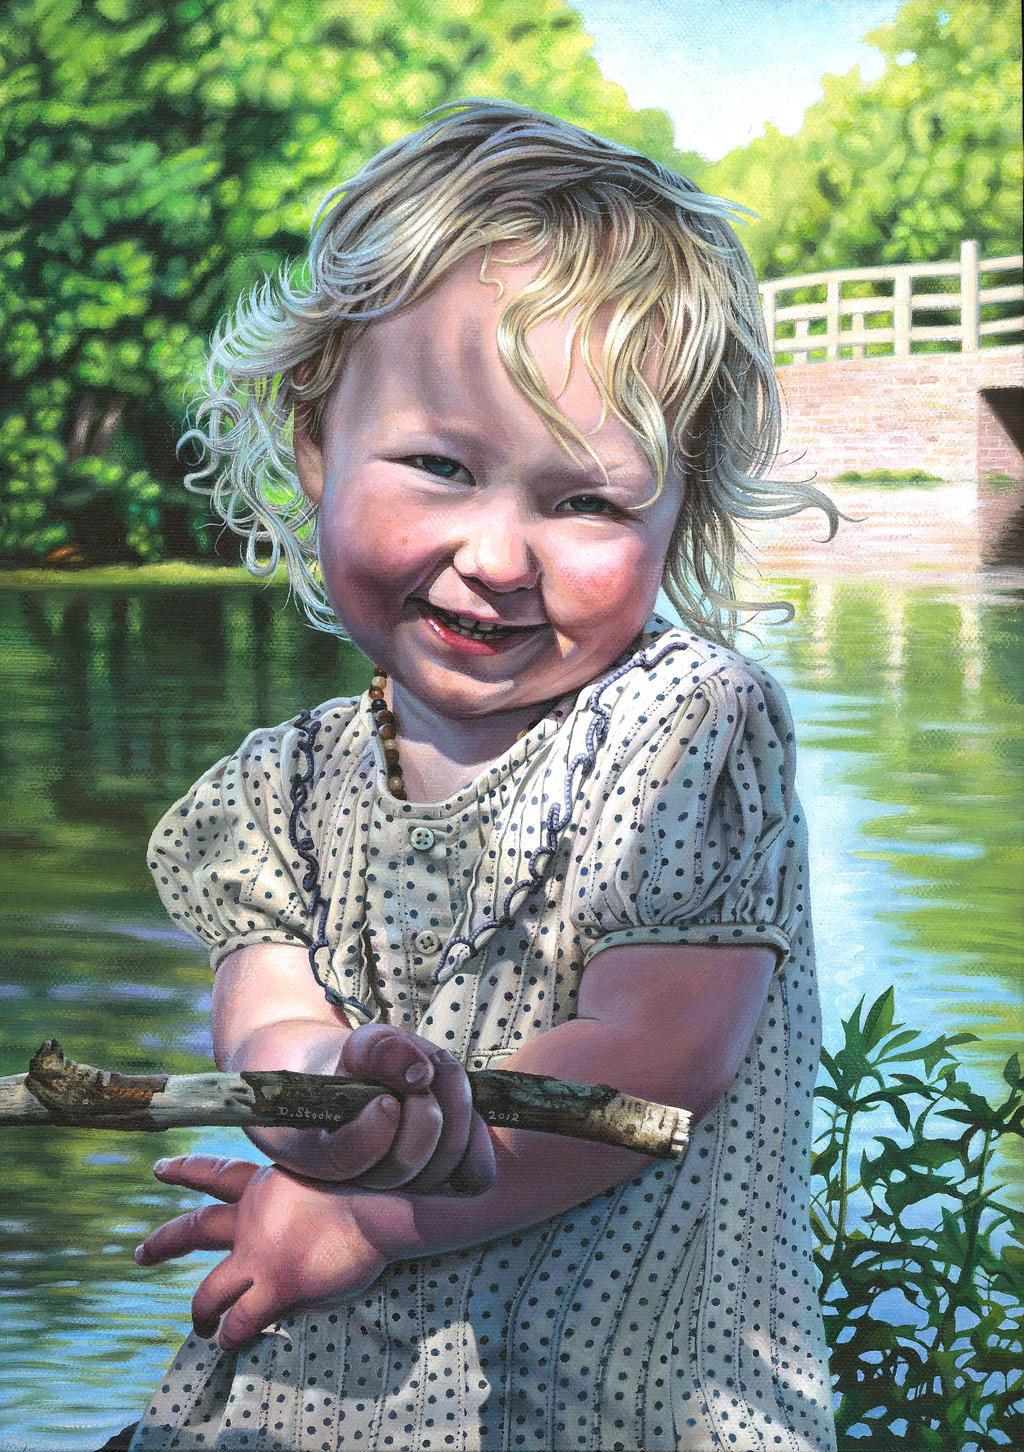 portrait_of_rowan_by_newagetraveller-d5u